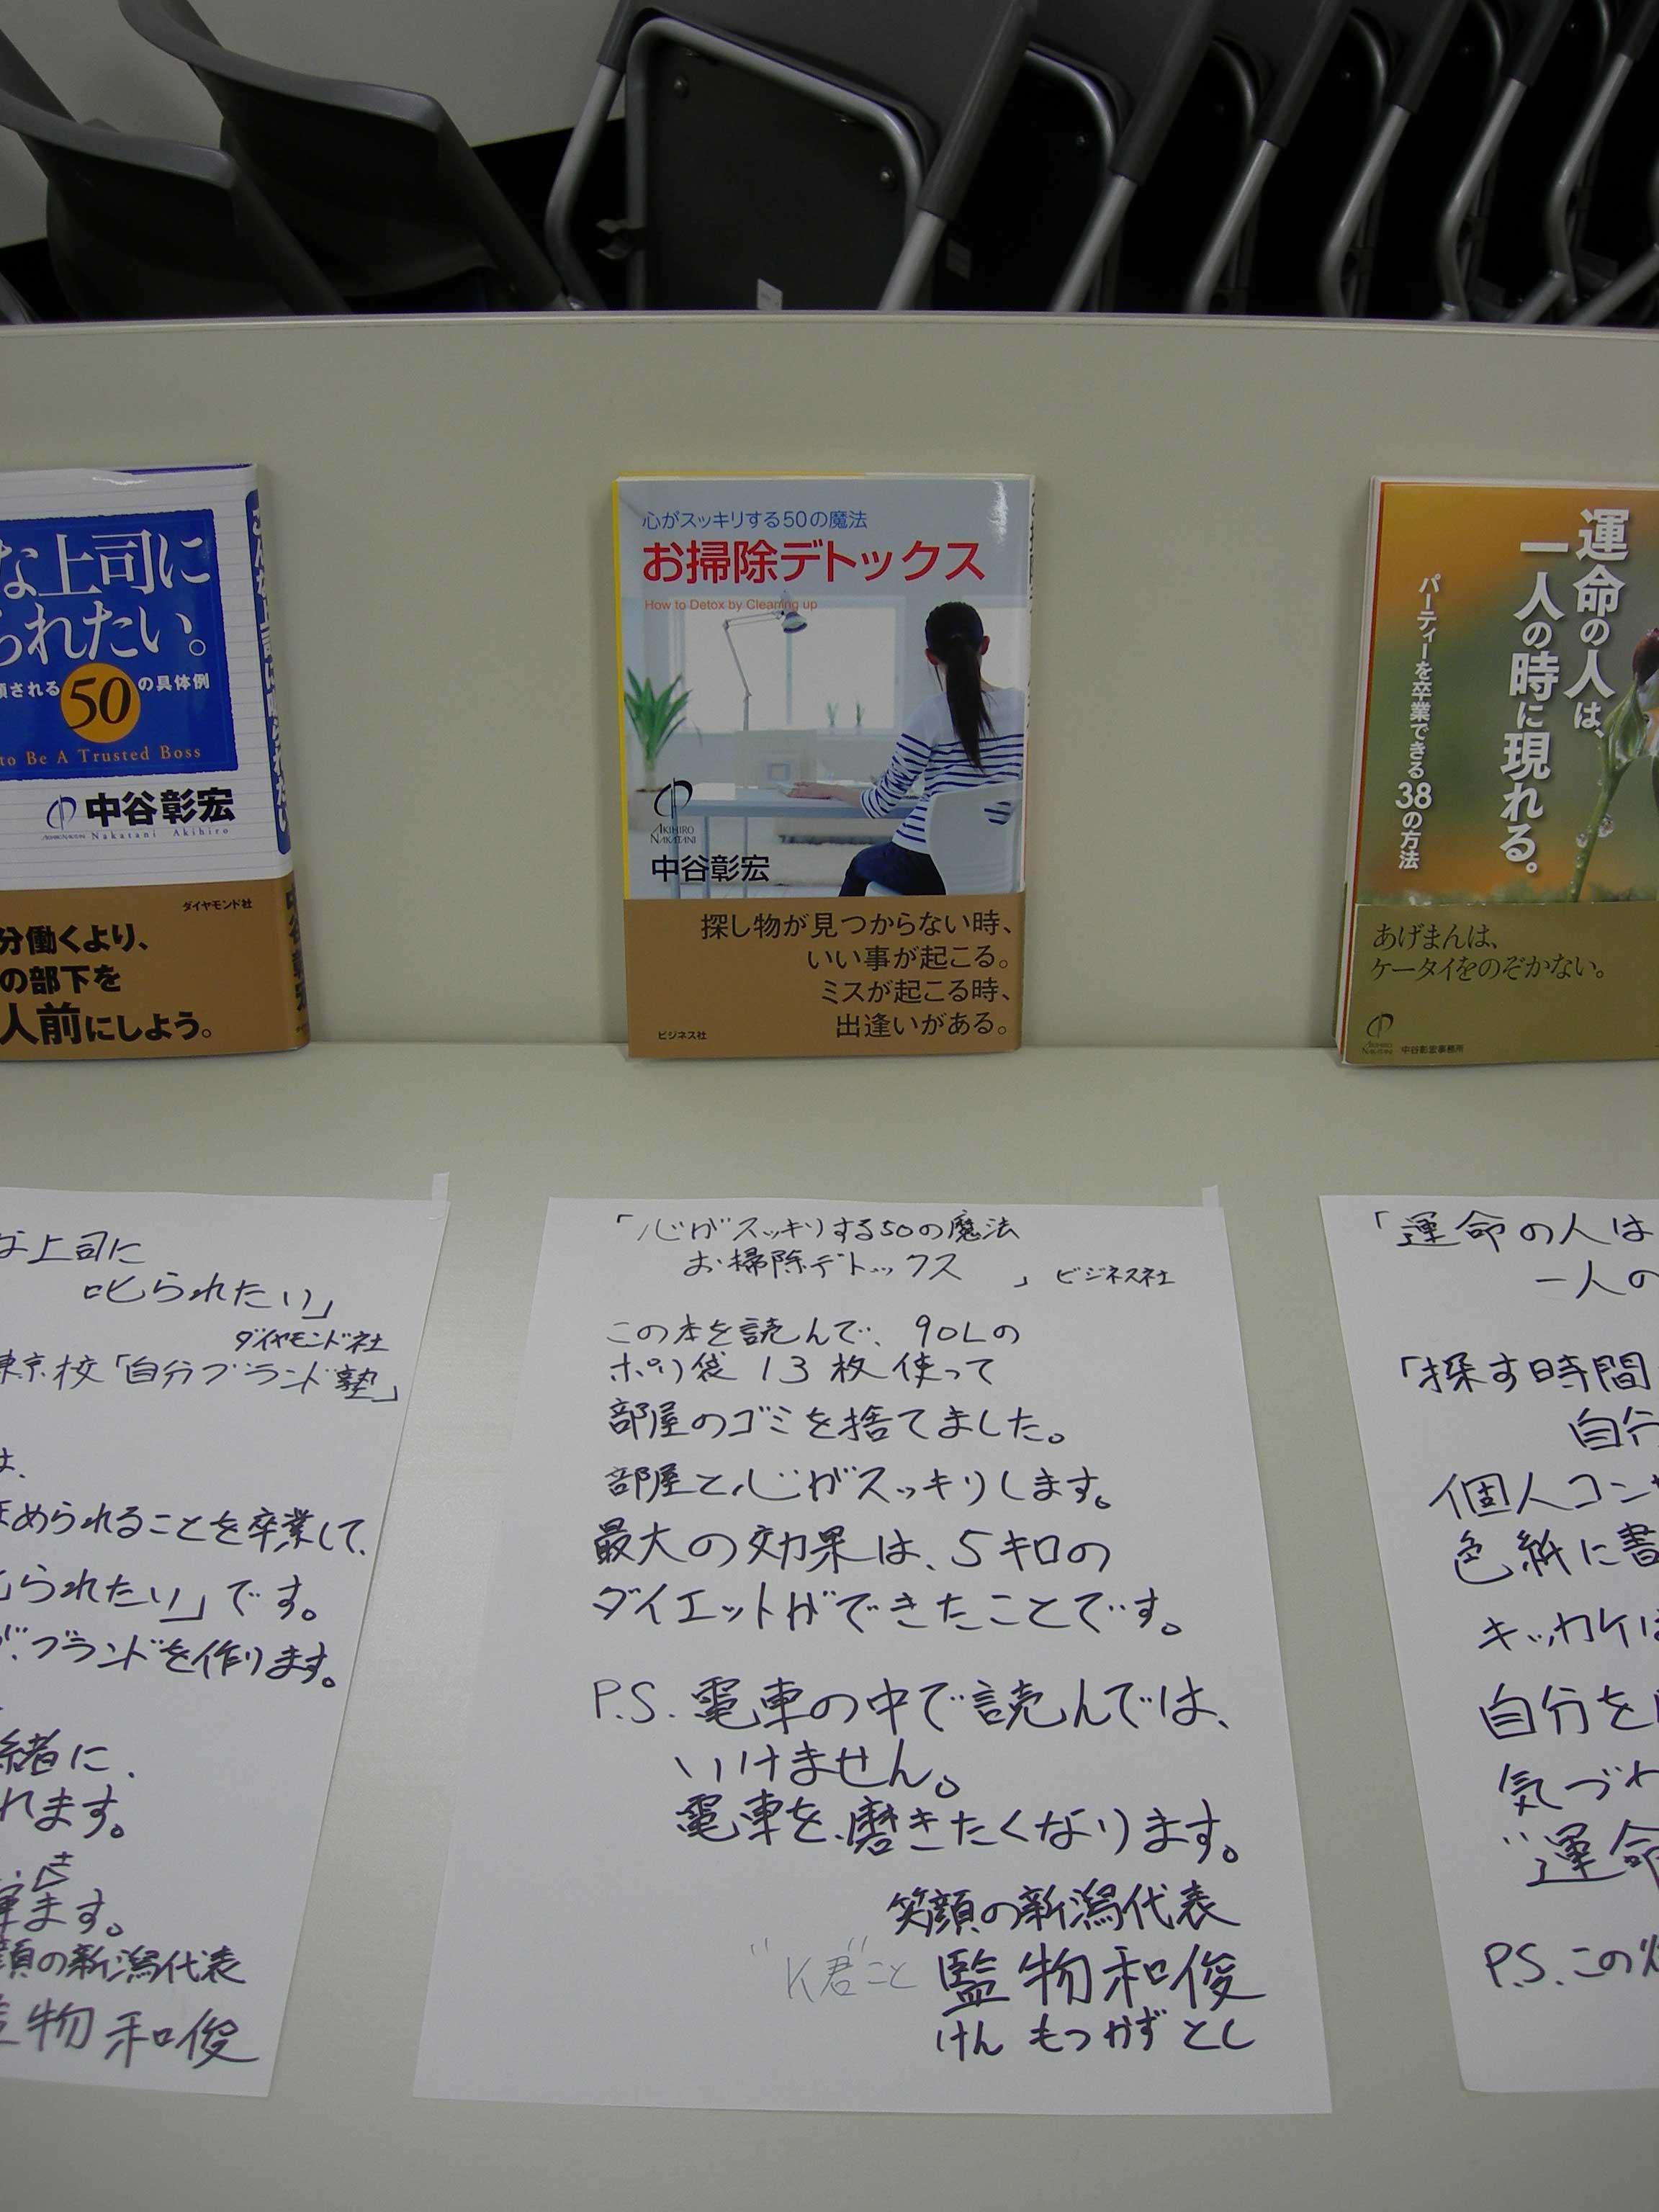 20100516_紹介文_監物和俊さん_2.jpg